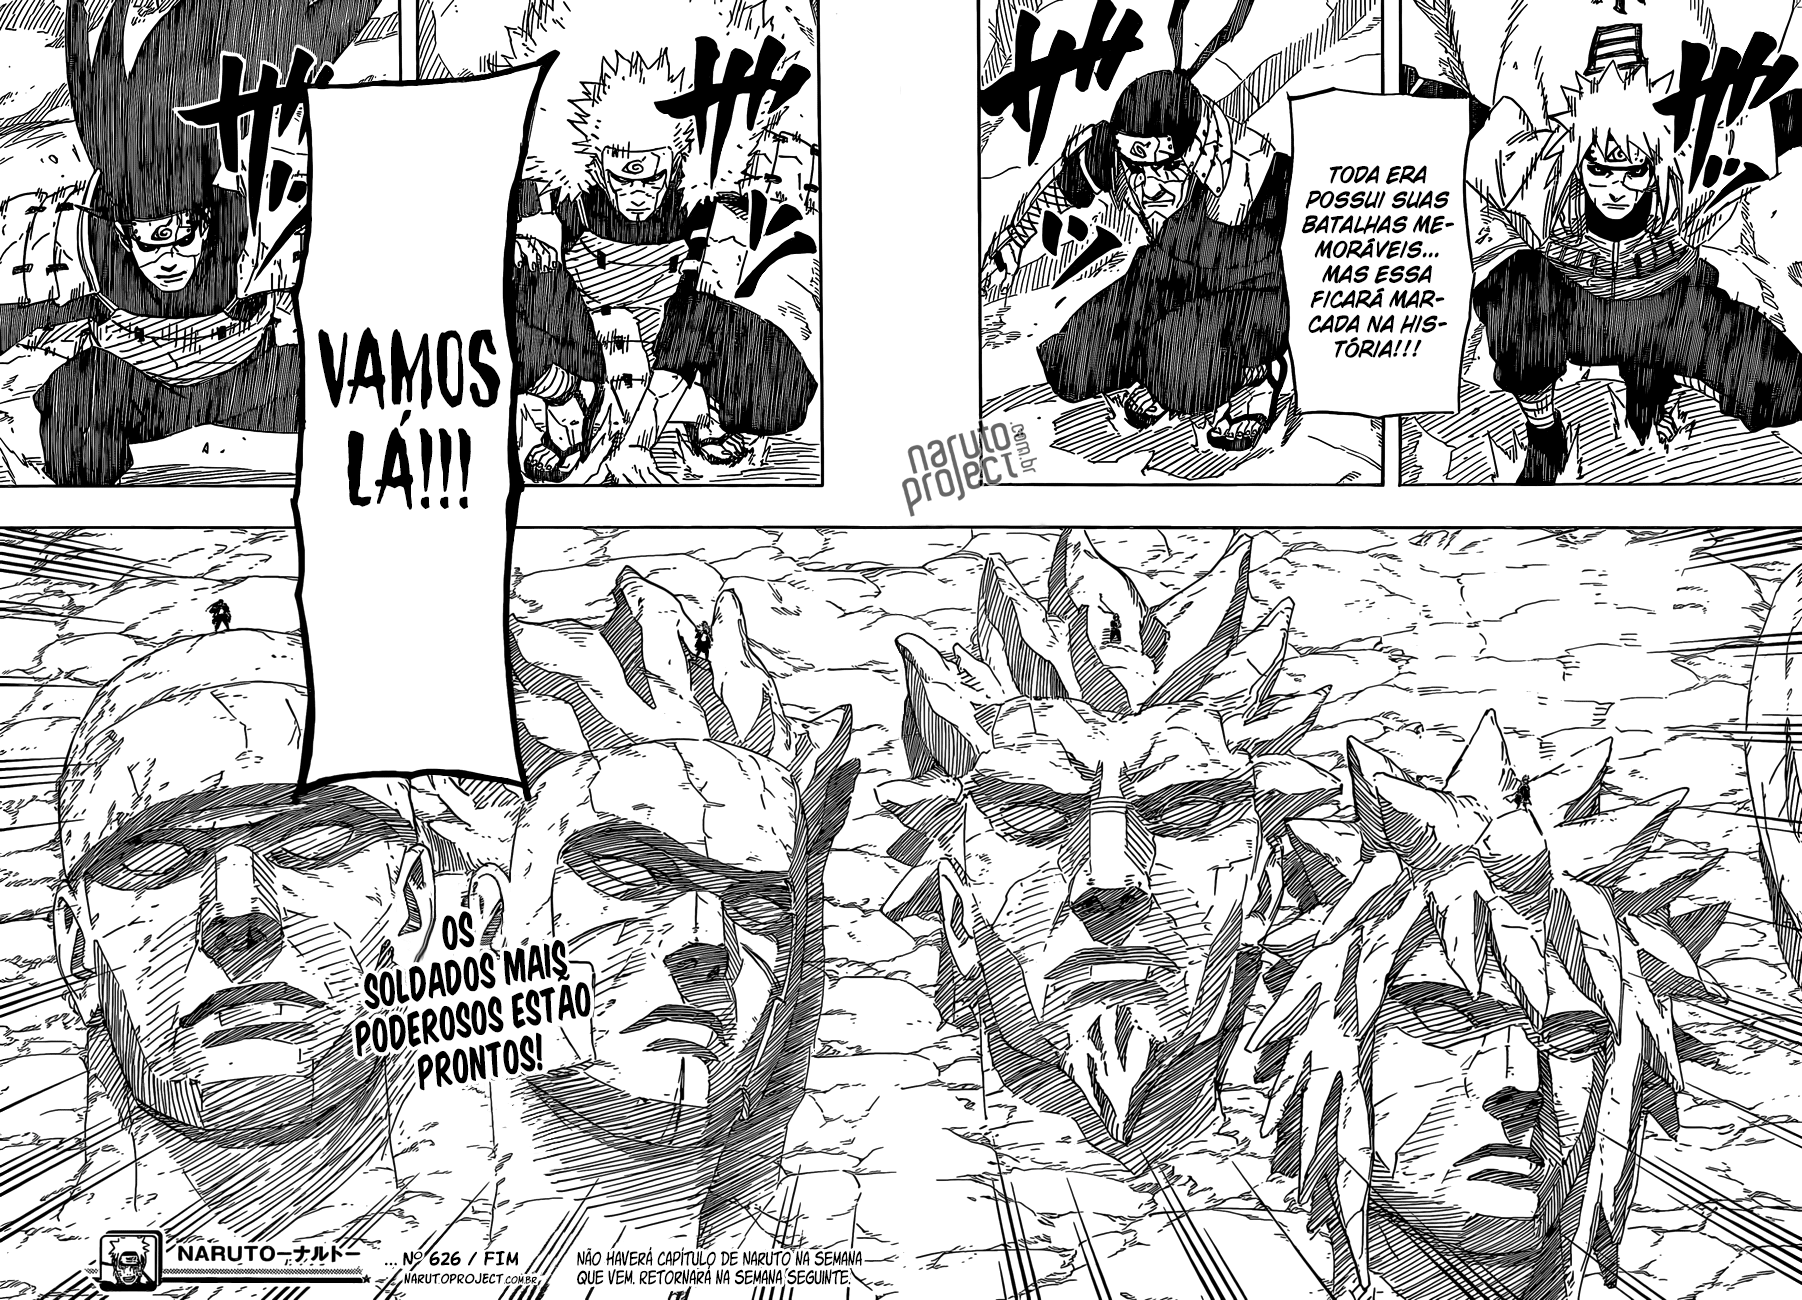 O verdadeiro nível do Tobirama dentro da obra - Página 2 15